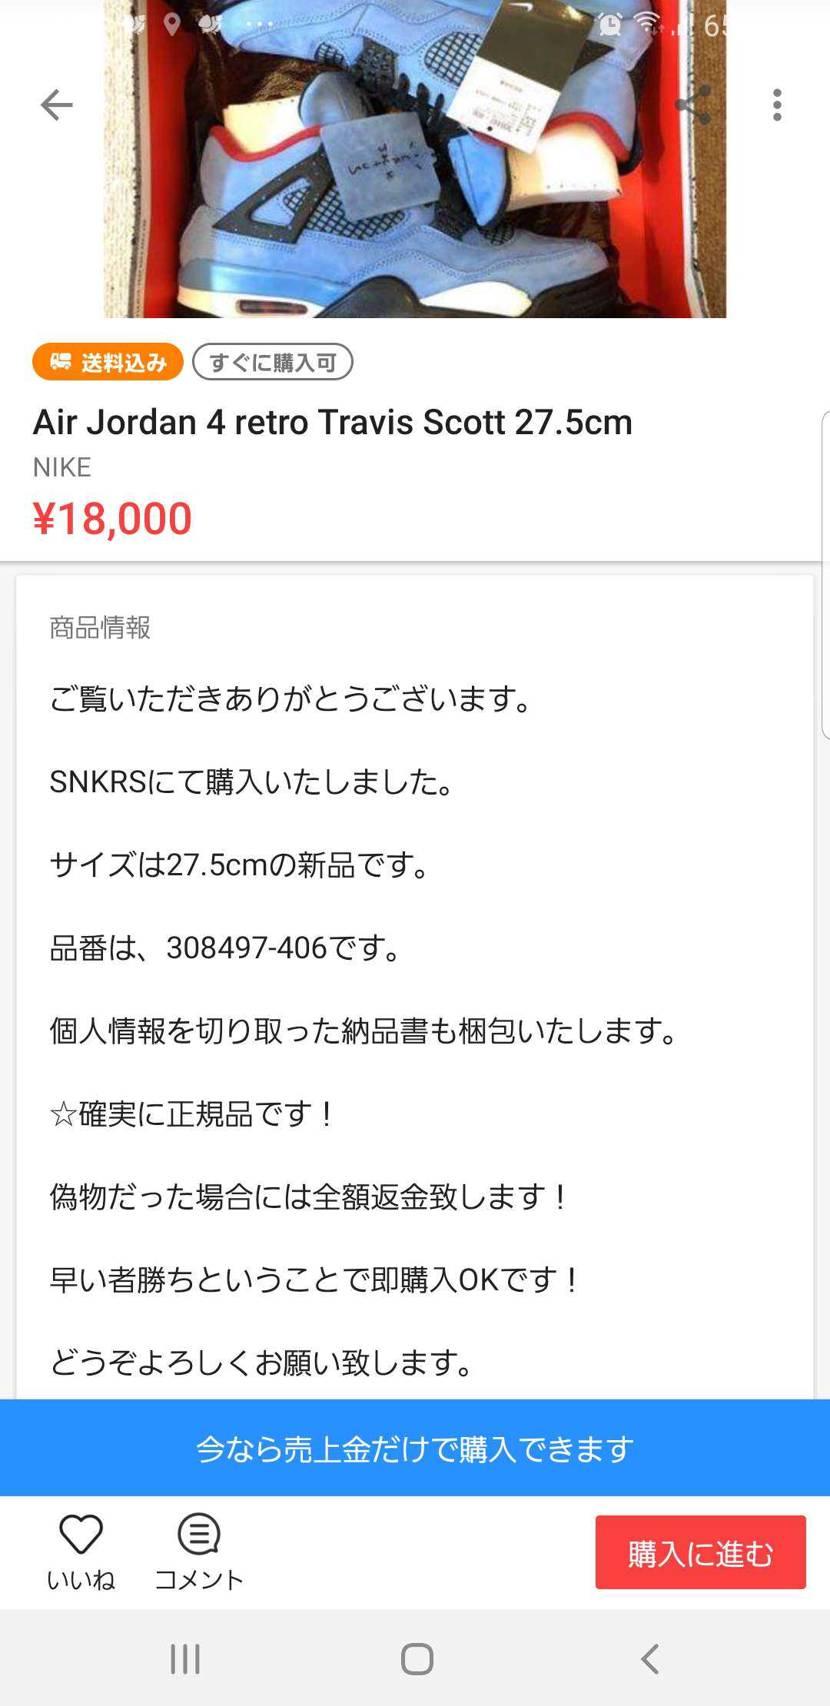 日本語の意味わからないでそのまま文章ペーストしてるんですかね?(笑) 安定の評価